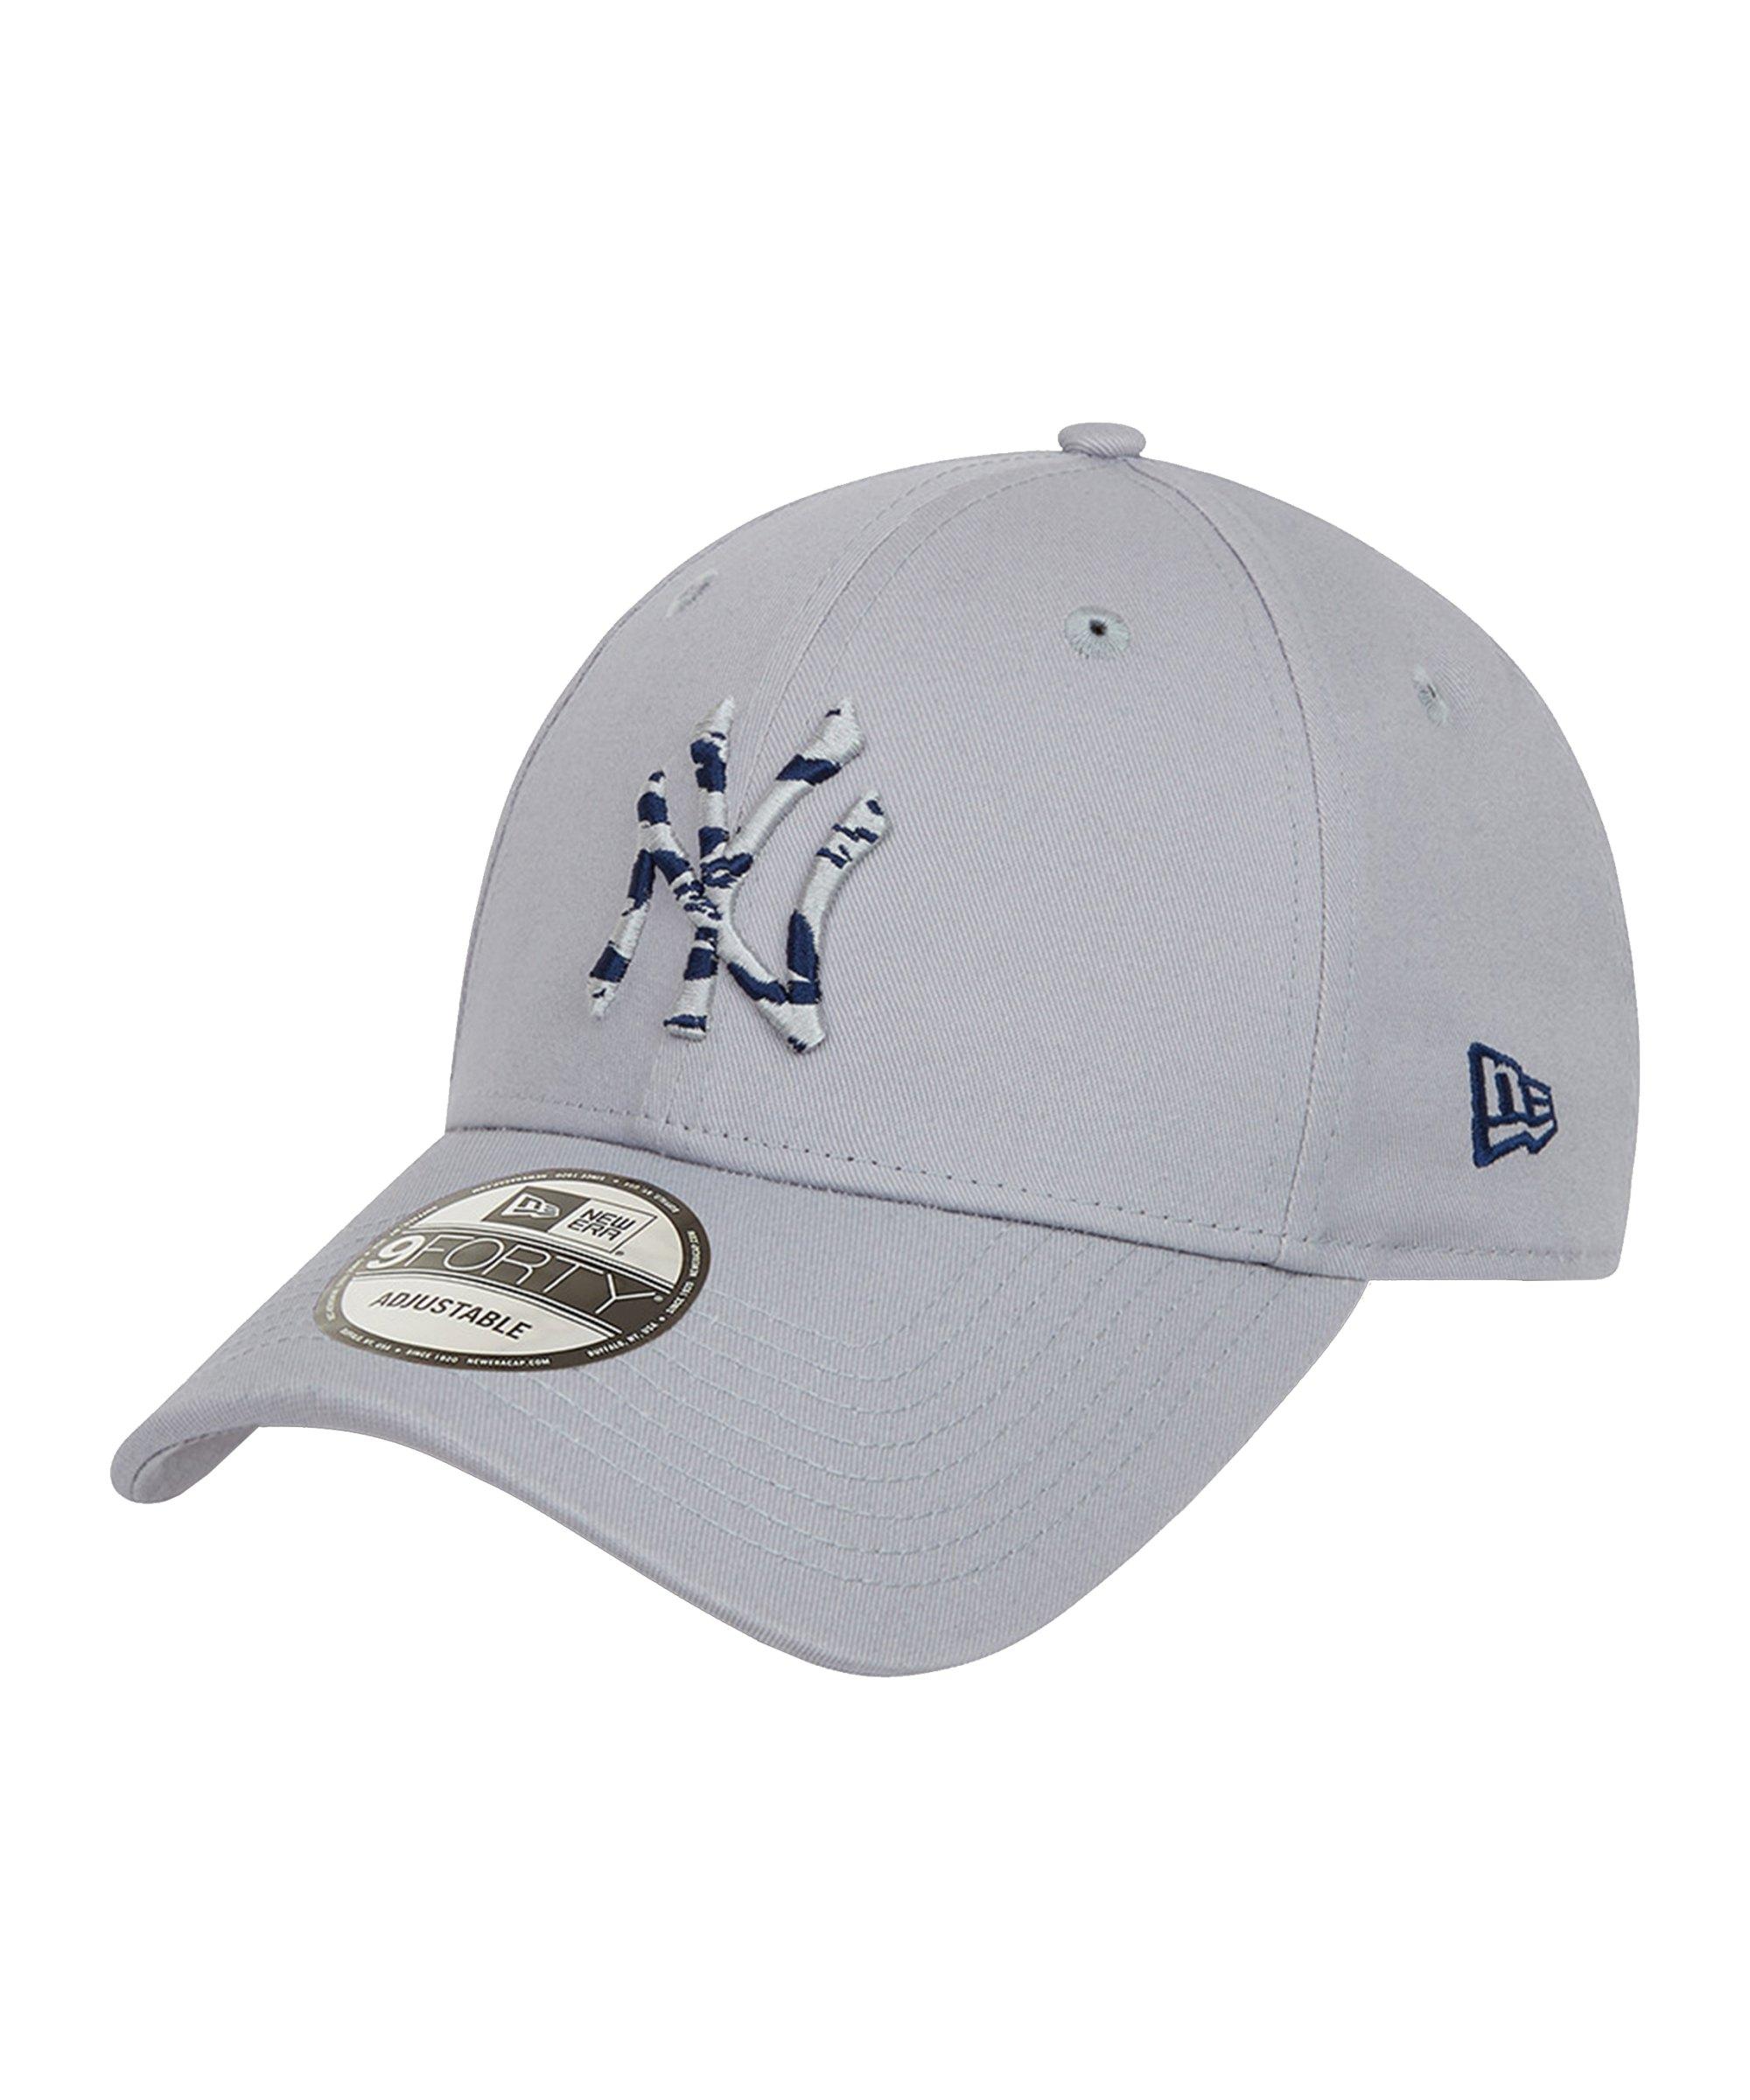 New Era NY Yankees Infill 940 Cap Grau FGRA - grau